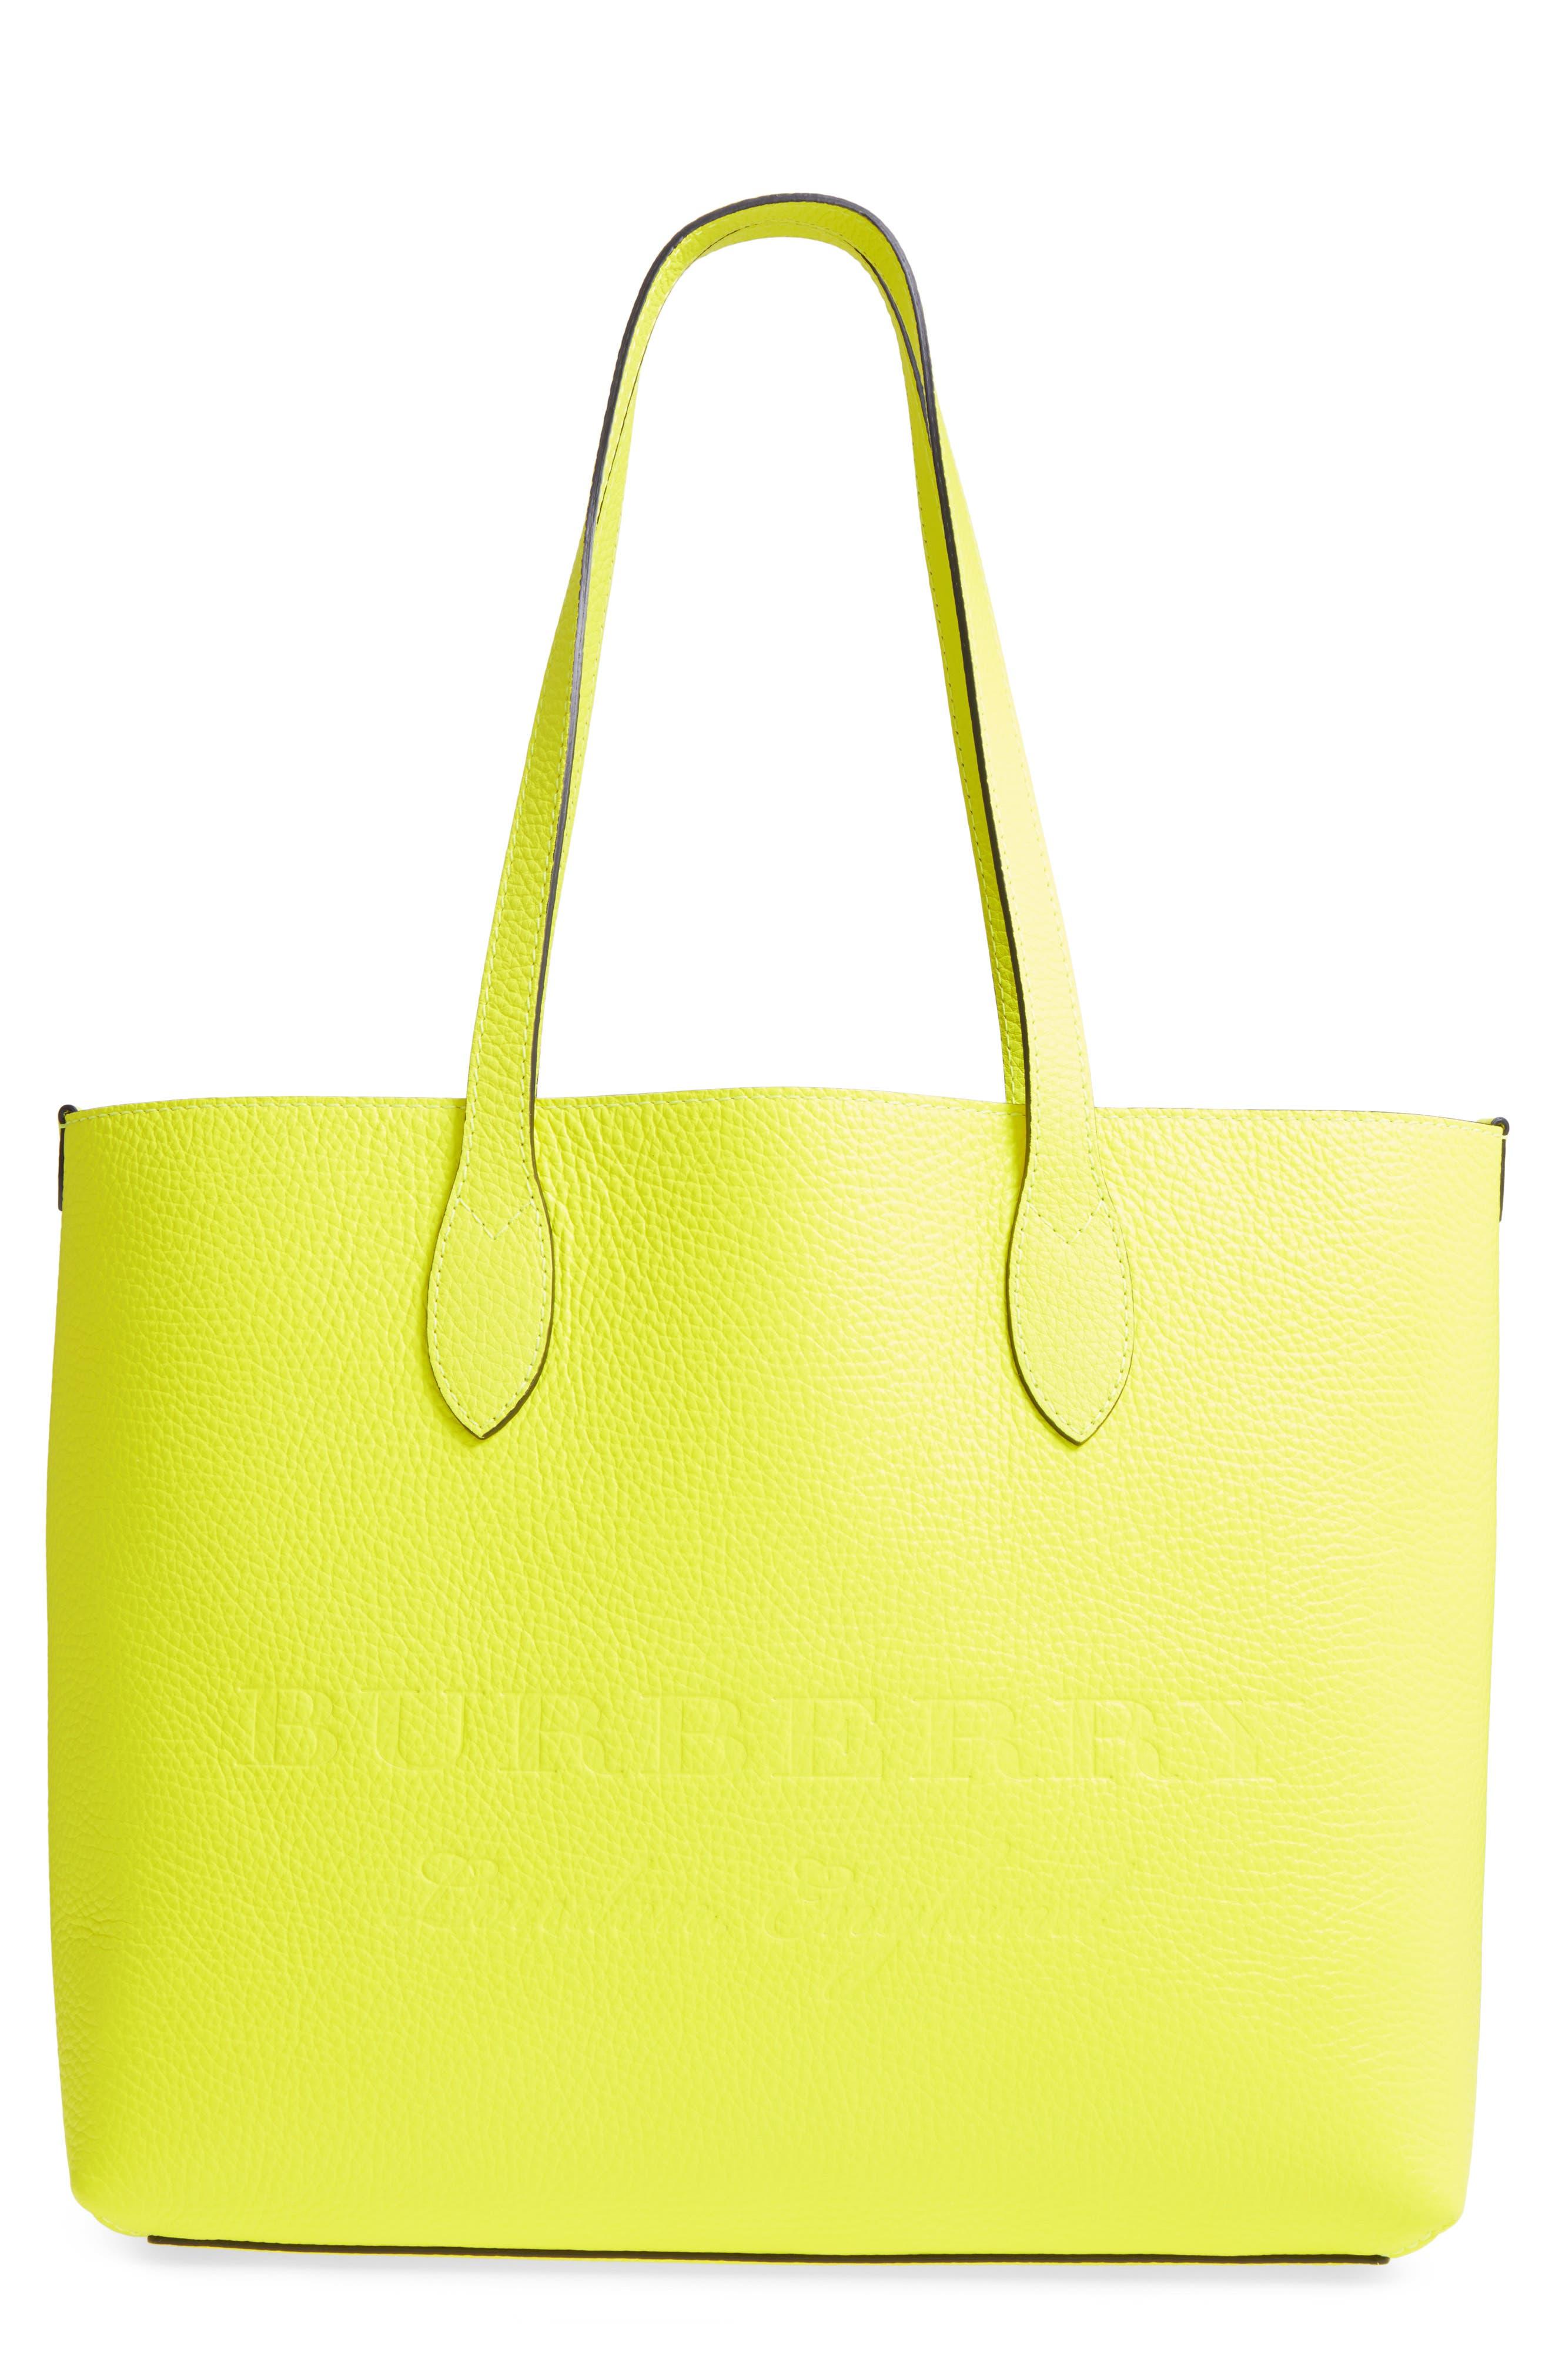 burberry bag logo